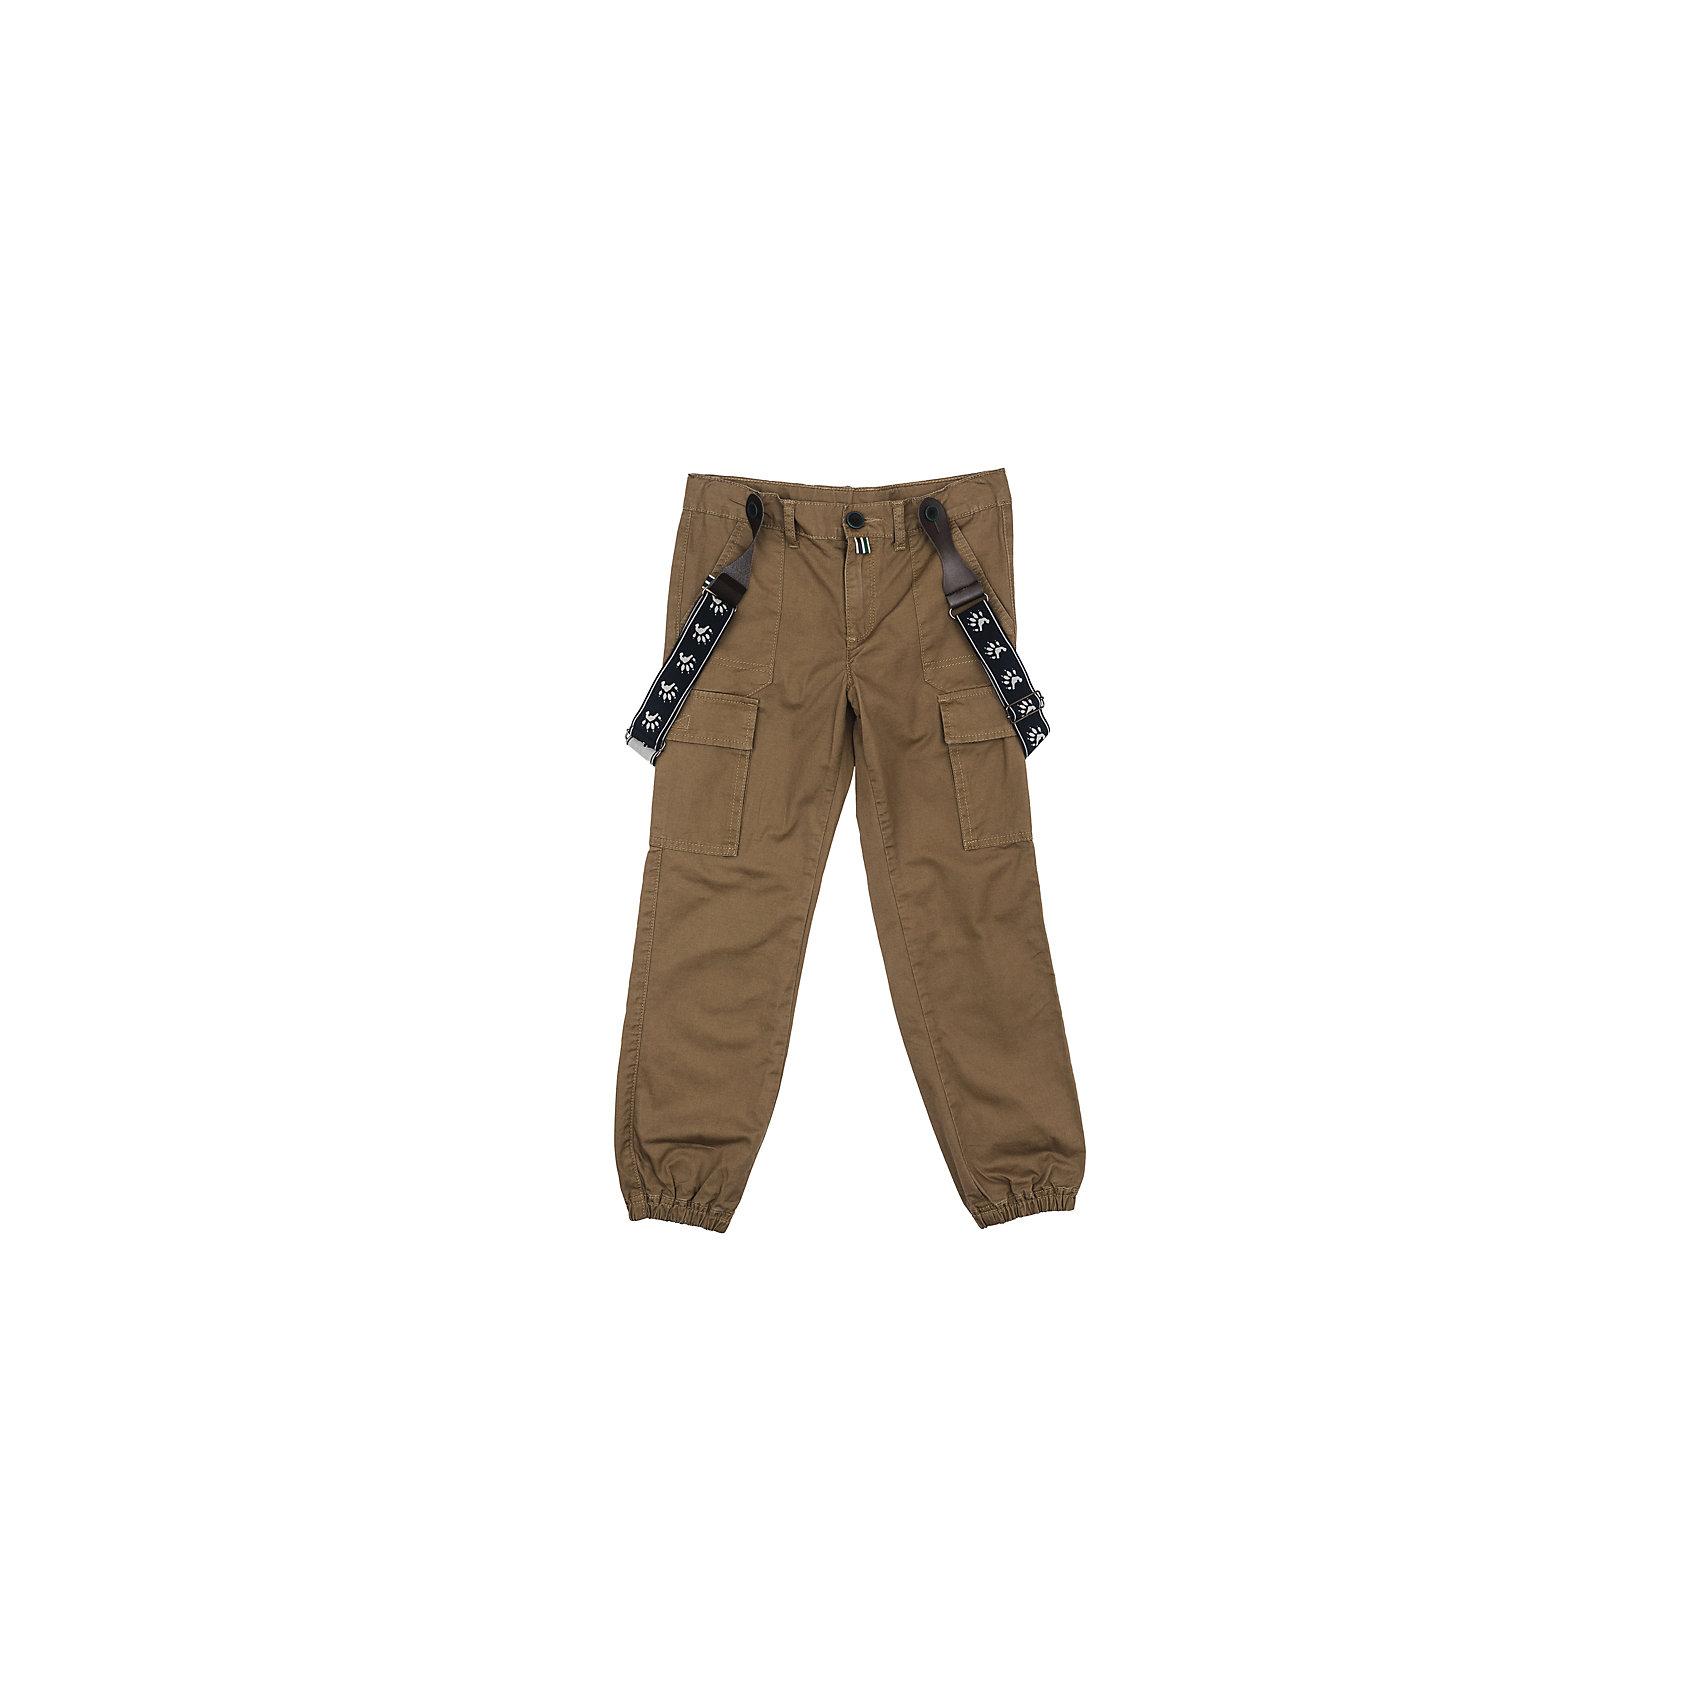 Брюки для мальчика PlayTodayБрюки<br>Брюки для мальчика PlayToday<br>Практичные и удобные брюки из натурального хлопка спортивного стиля смогут быть одной из базовых вещей детского гардероба. Низ брючин на мягких резинках. Модель с эффектными накладными карманами на брючинах. Брюки декорированы подтяжками с ярким принтом.Преимущества: Модель с мягкими резинками по низу брючинБрюки декорированы эффектными подтяжкамиМодель со шлевками<br>Состав:<br>100% хлопок<br><br>Ширина мм: 215<br>Глубина мм: 88<br>Высота мм: 191<br>Вес г: 336<br>Цвет: разноцветный<br>Возраст от месяцев: 24<br>Возраст до месяцев: 36<br>Пол: Мужской<br>Возраст: Детский<br>Размер: 98,128,104,110,116,122<br>SKU: 5403207